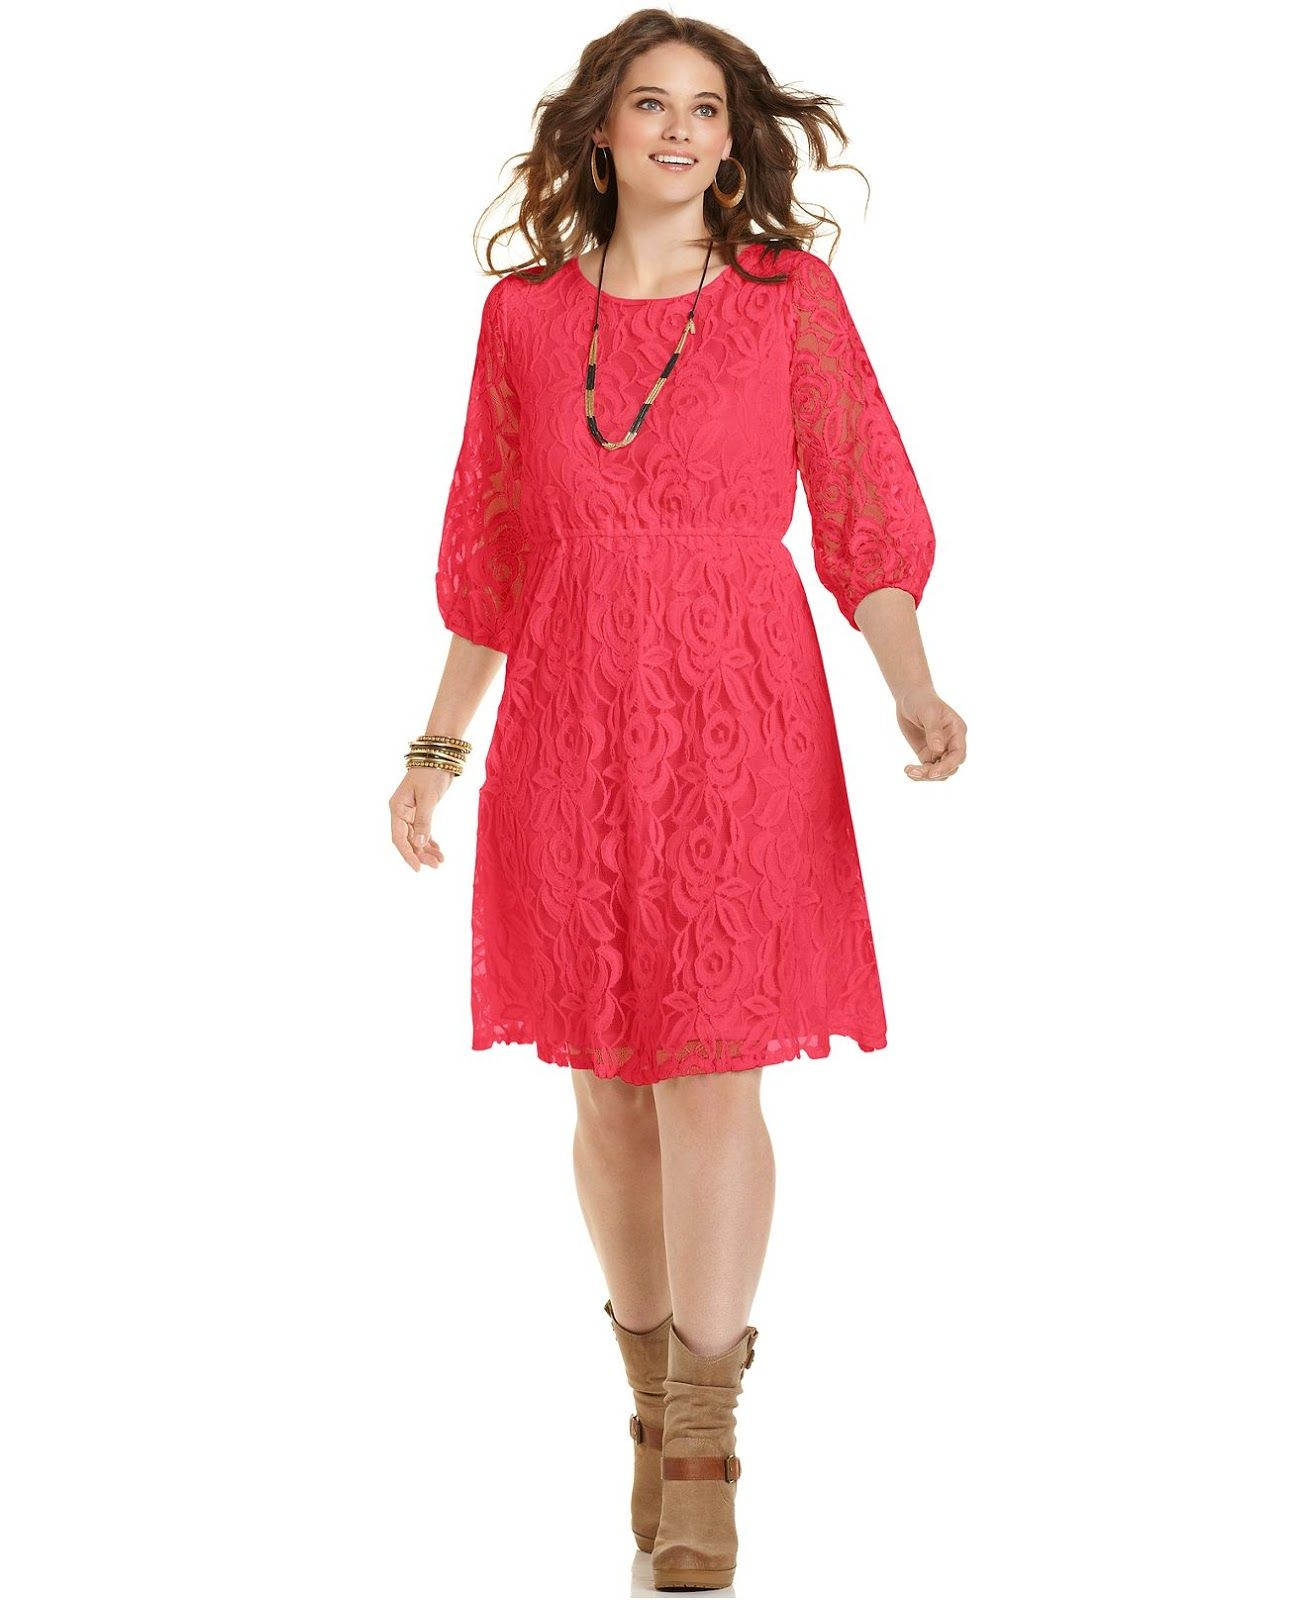 Fenomenales vestidos de verano para gorditas   Vestidos cortos de temporada e1a427ff6a